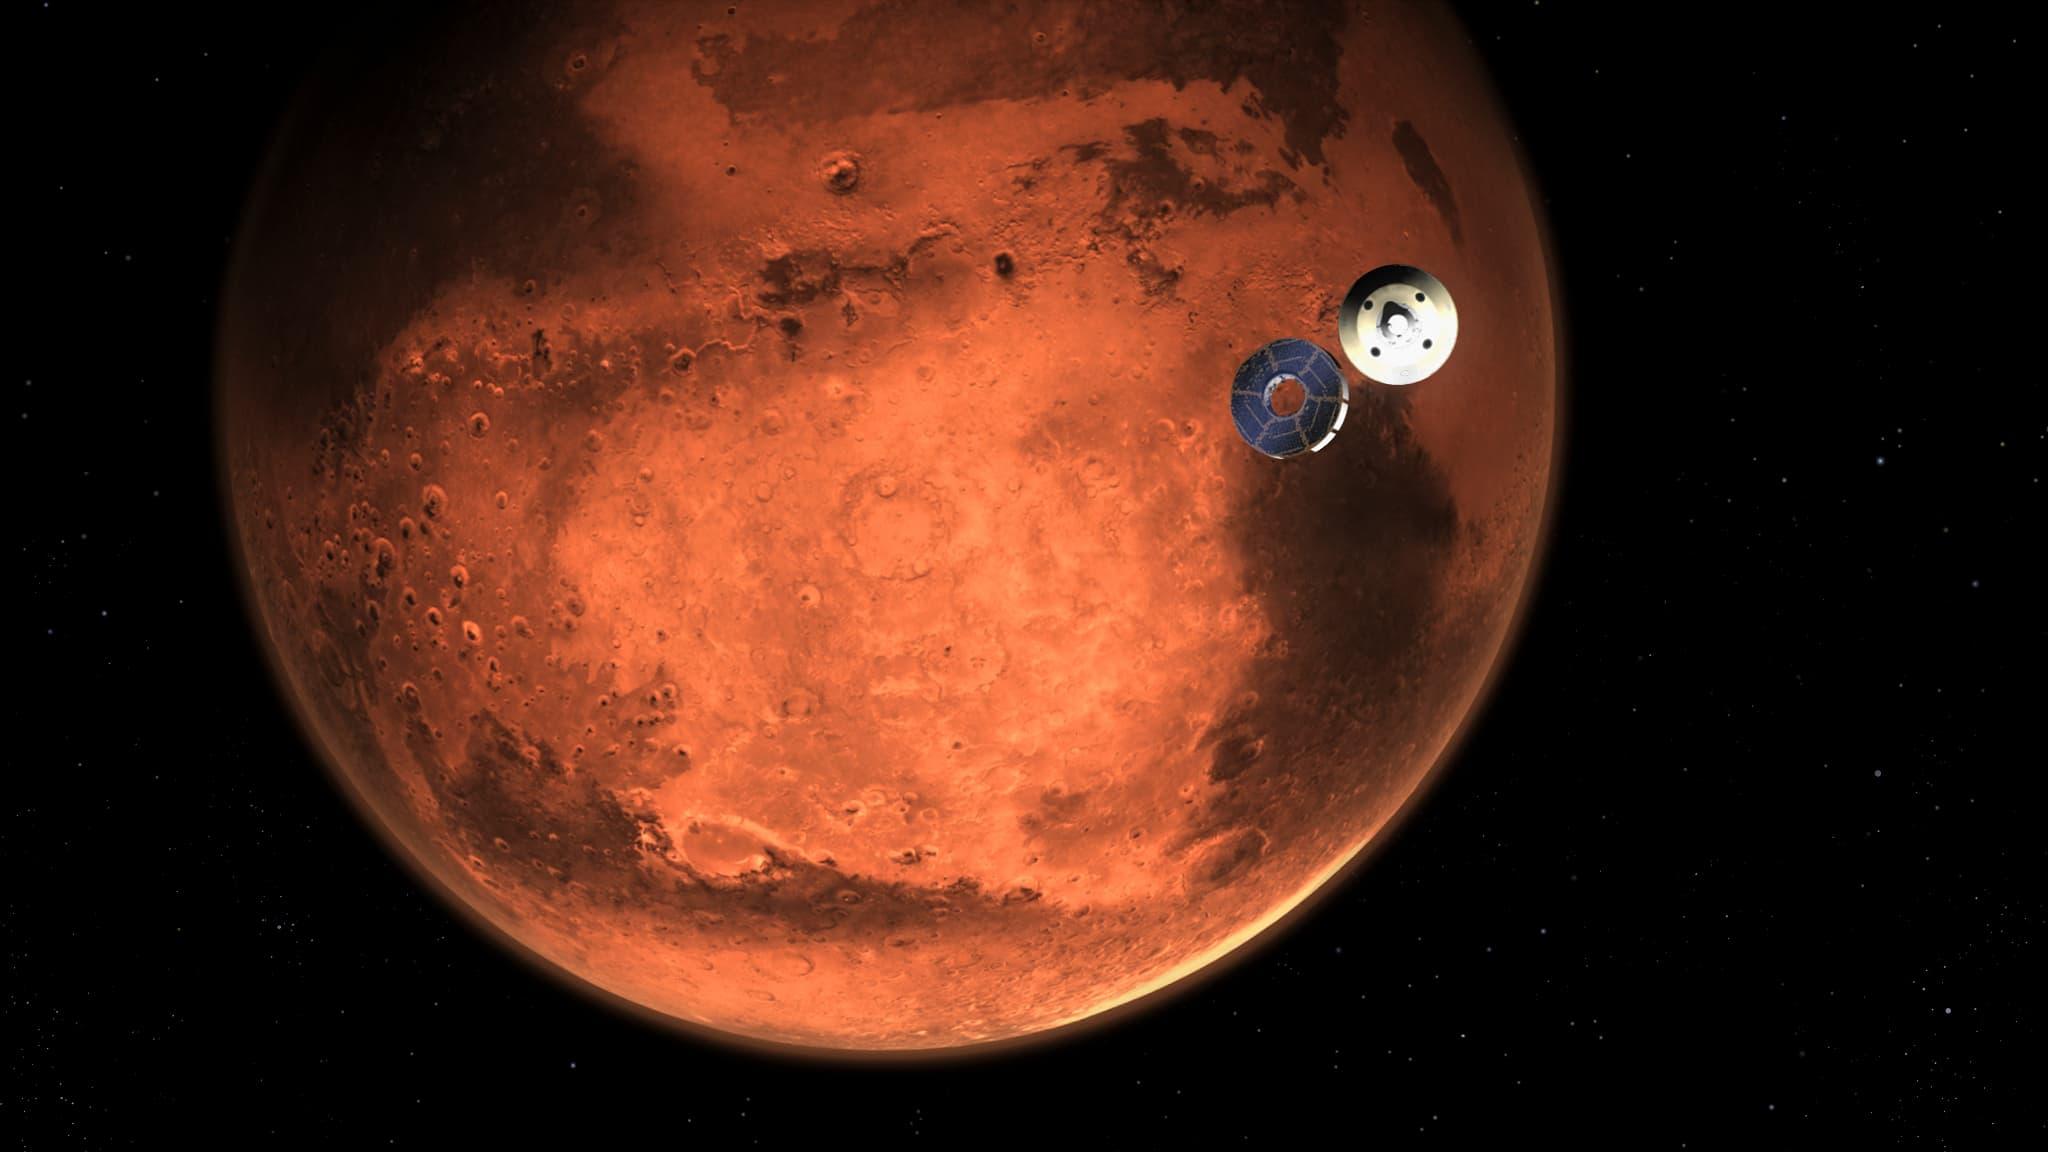 Science-fiction ou réalité: des êtres humains pourront-ils un jour vivre sur Mars? - BFMTV